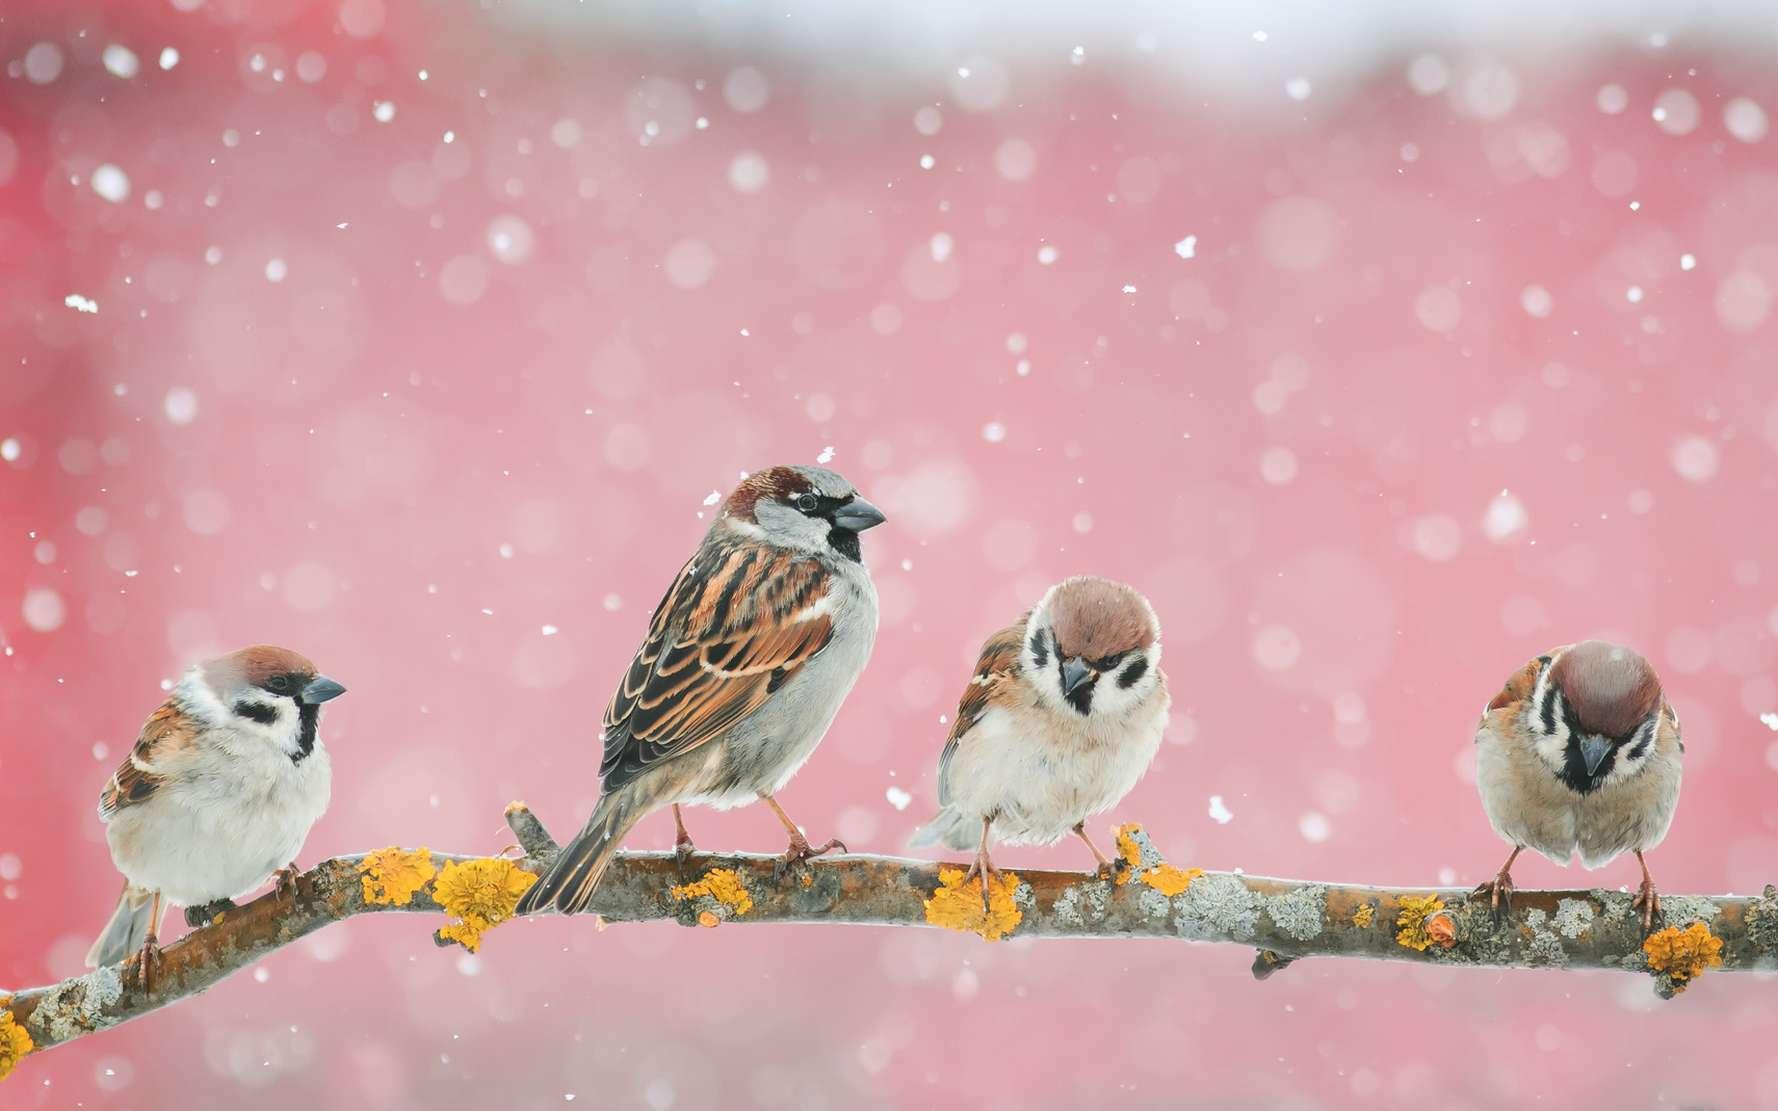 Au cours des 80 derniers millions d'années, les chercheurs ont constaté que la masse corporelle des oiseaux et des mammifères évoluait plus rapidement à chaque fois que le climat se refroidissait. © nataba, Fotolia